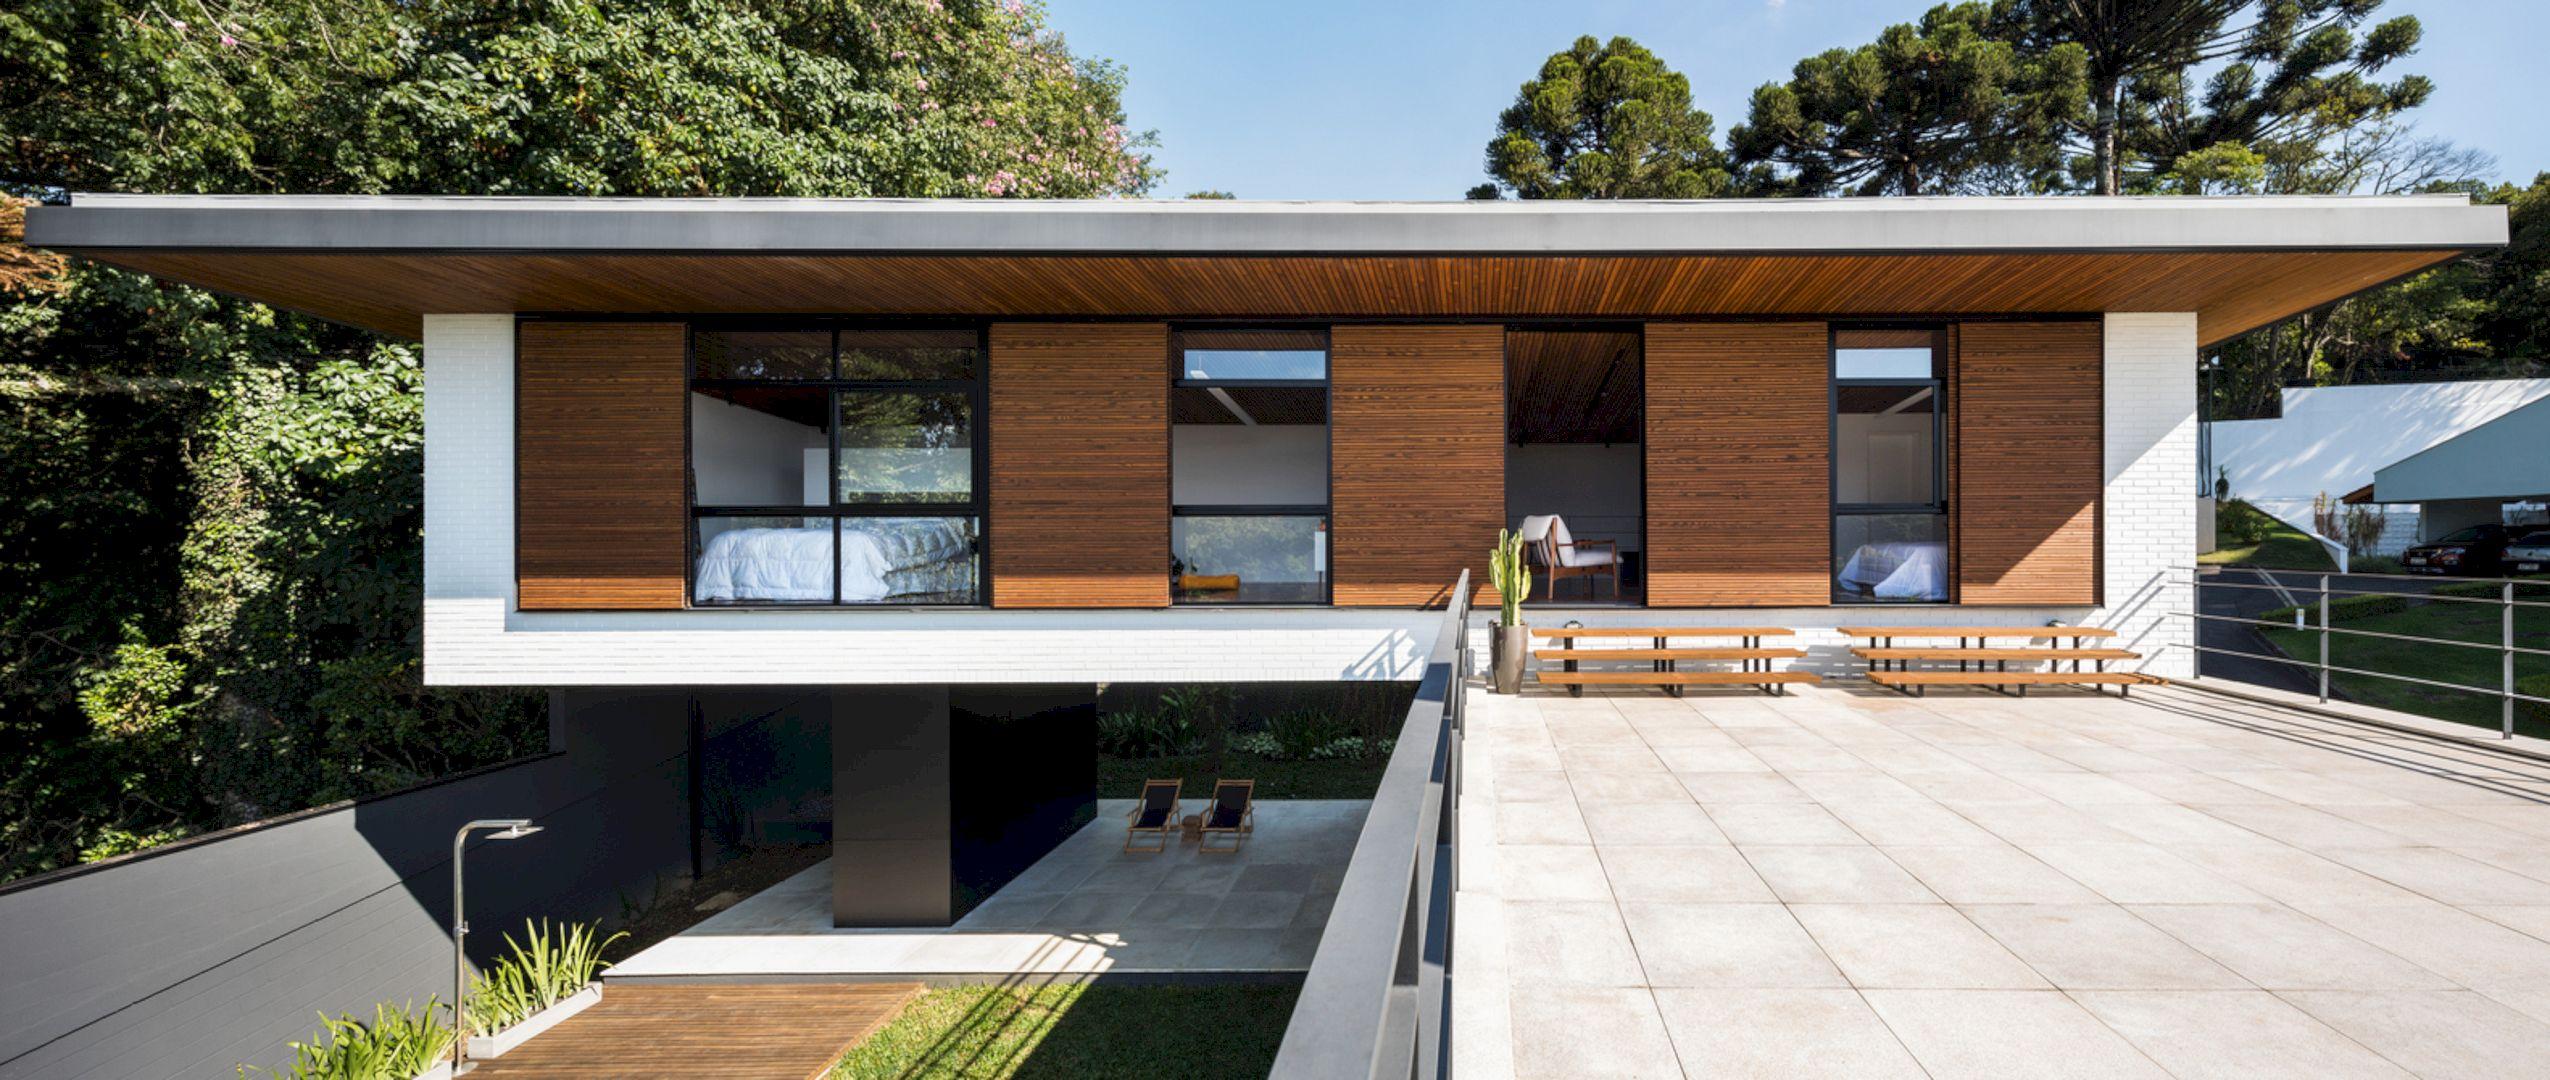 Casa AC By Nommo Arquitetos 9